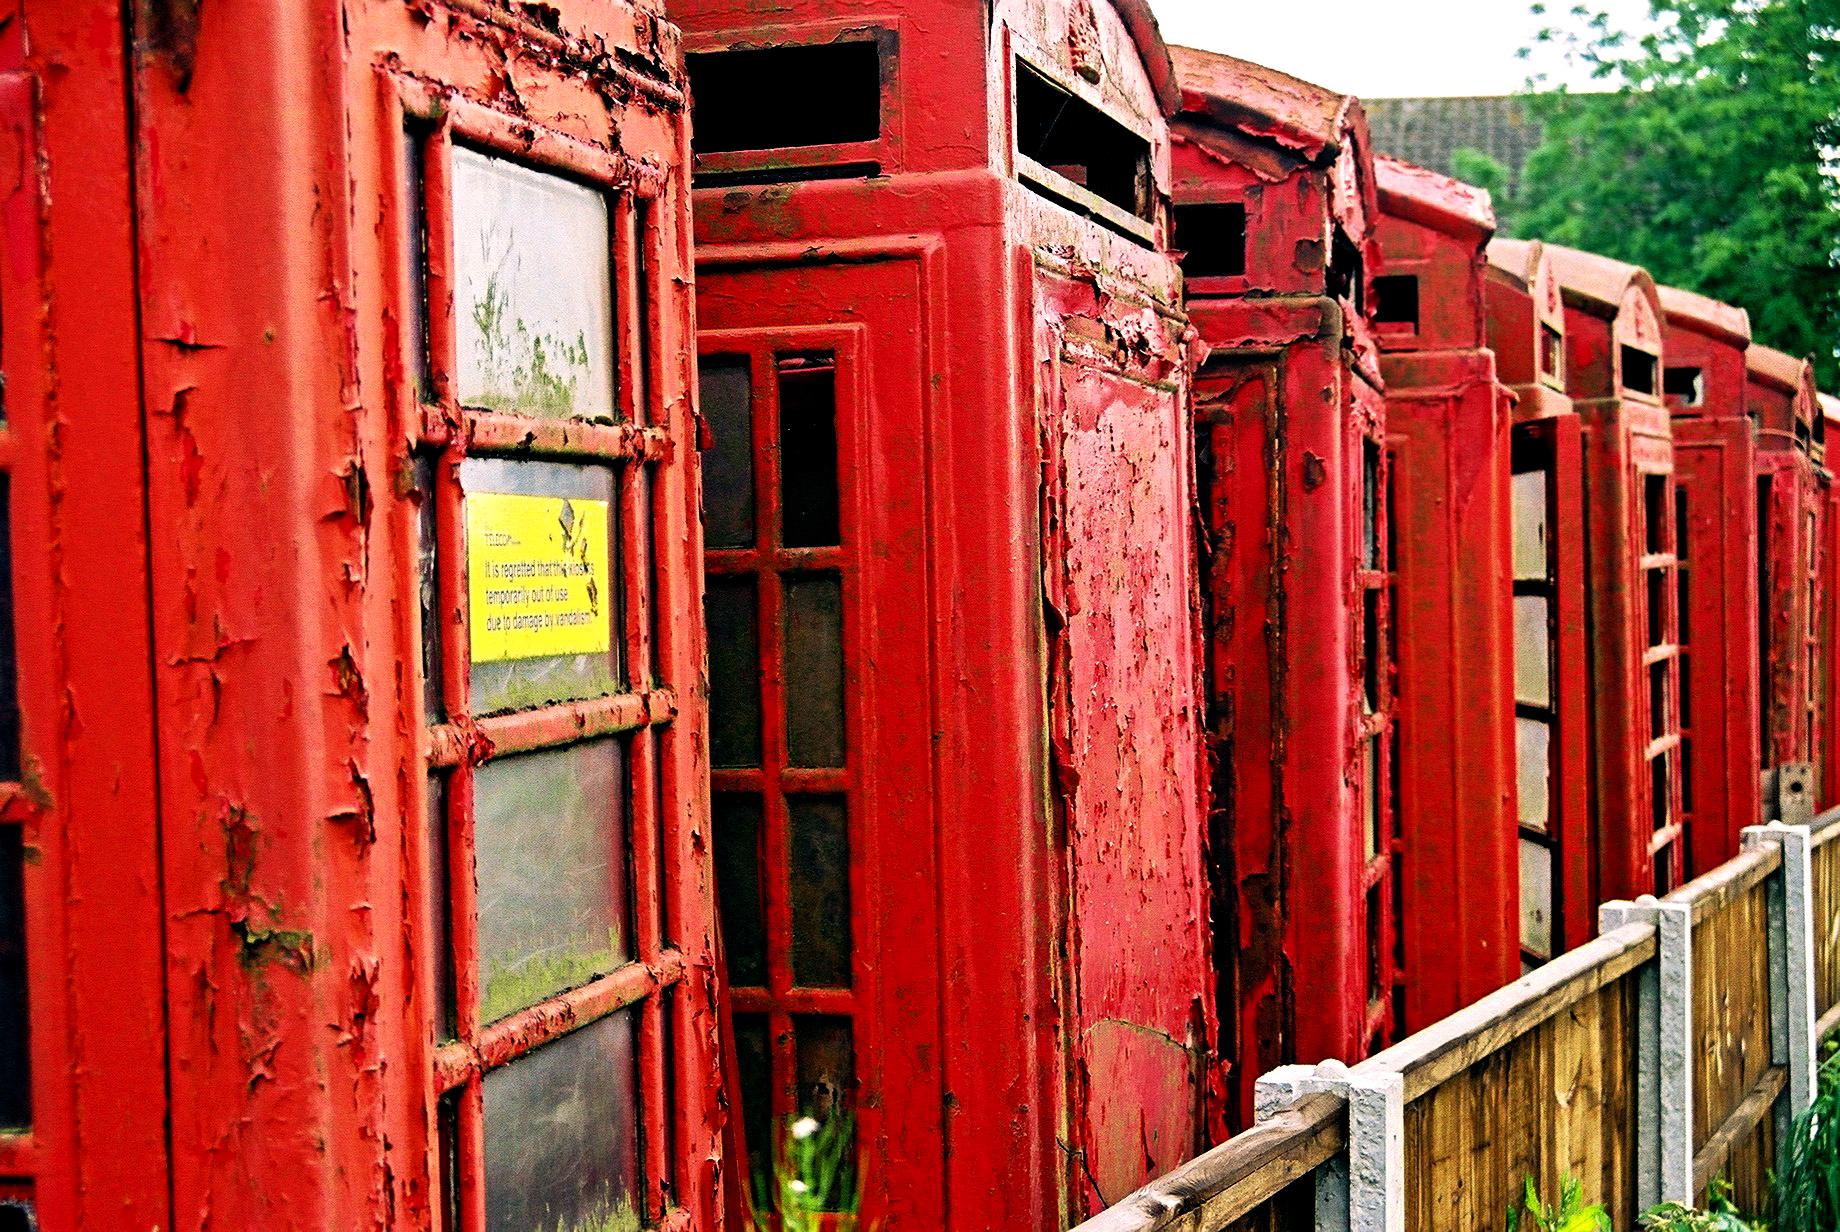 Cementerio de cabinas de teléfono en Carlton Miniott (Reino Unido). Flickr/Guy Hatton